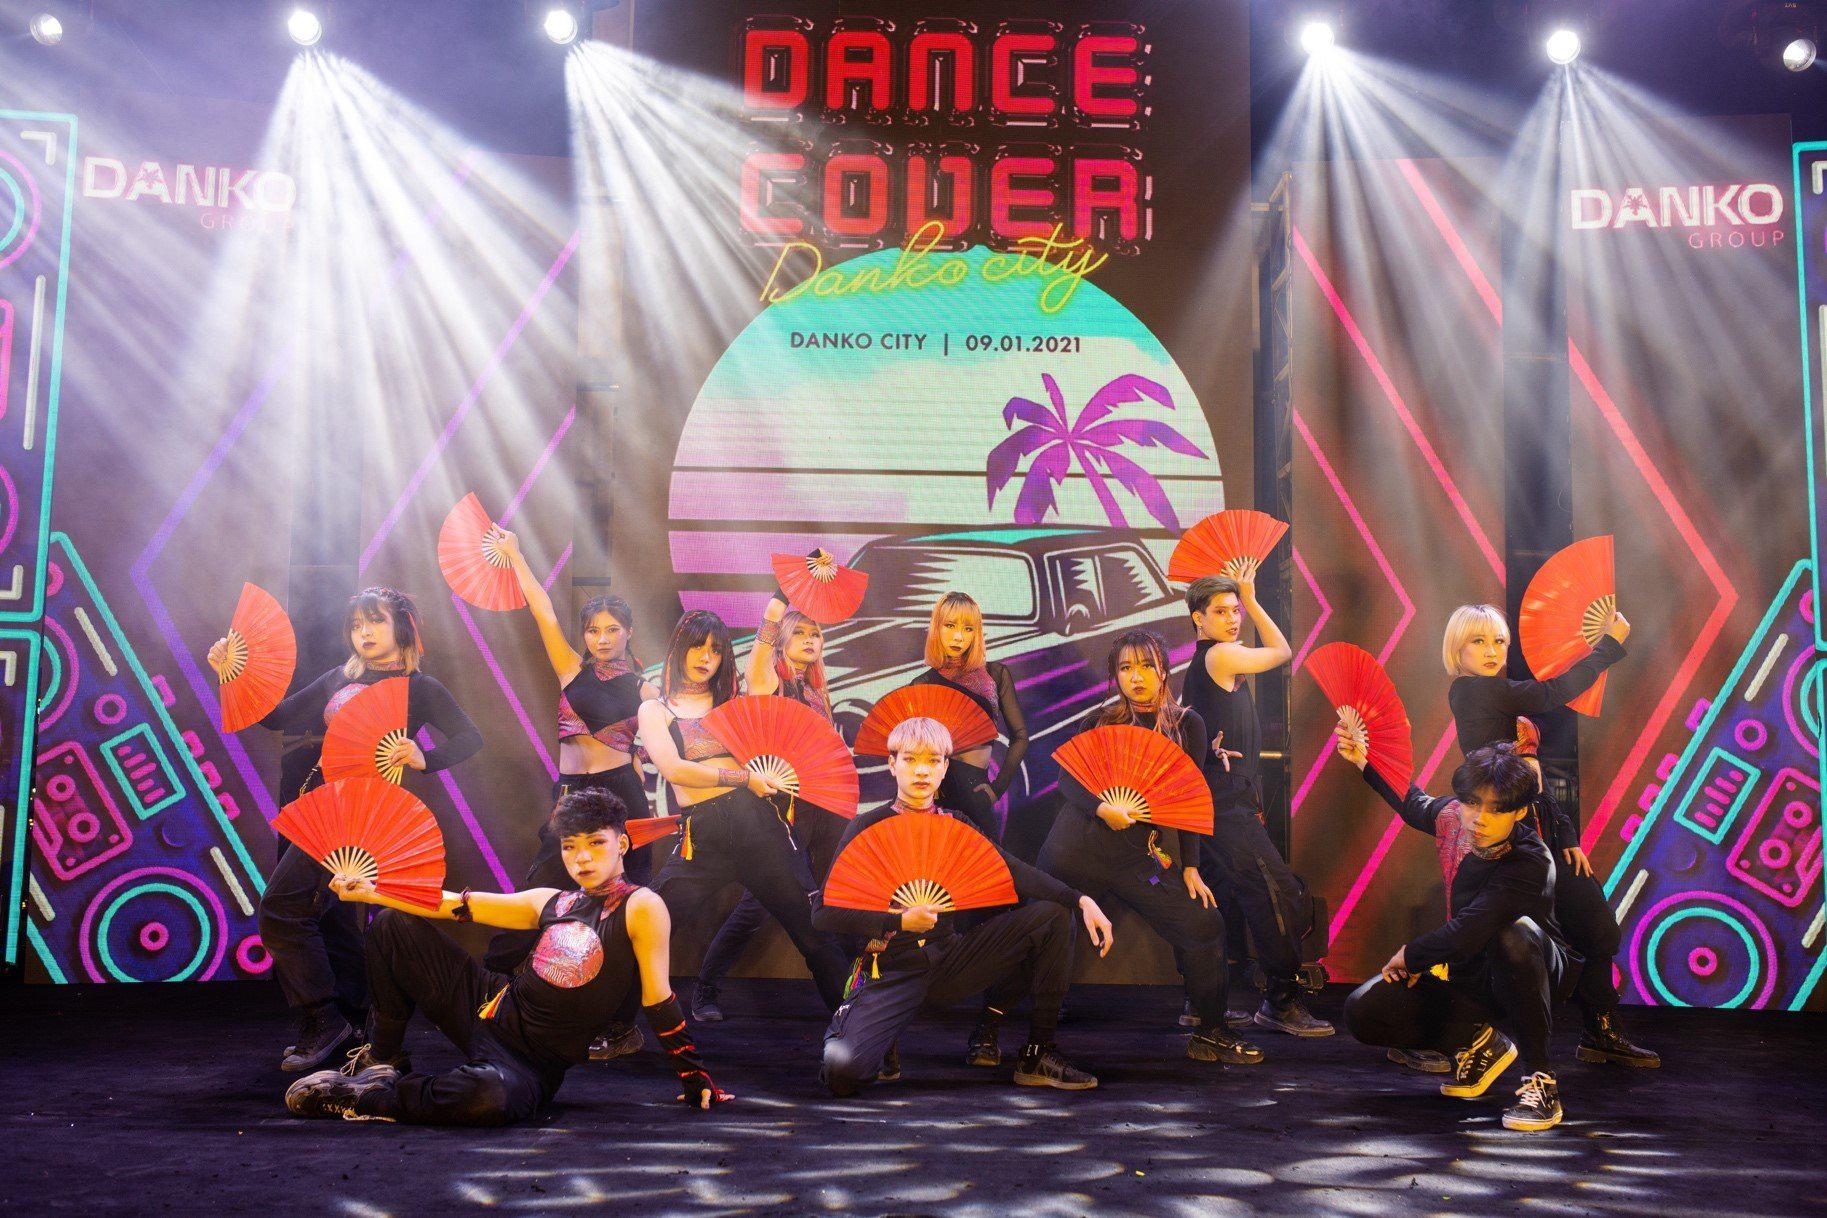 Dance cover Danko City: Bùng cháy với các vũ điệu Kpop cùng Cường seven - Ảnh 5.